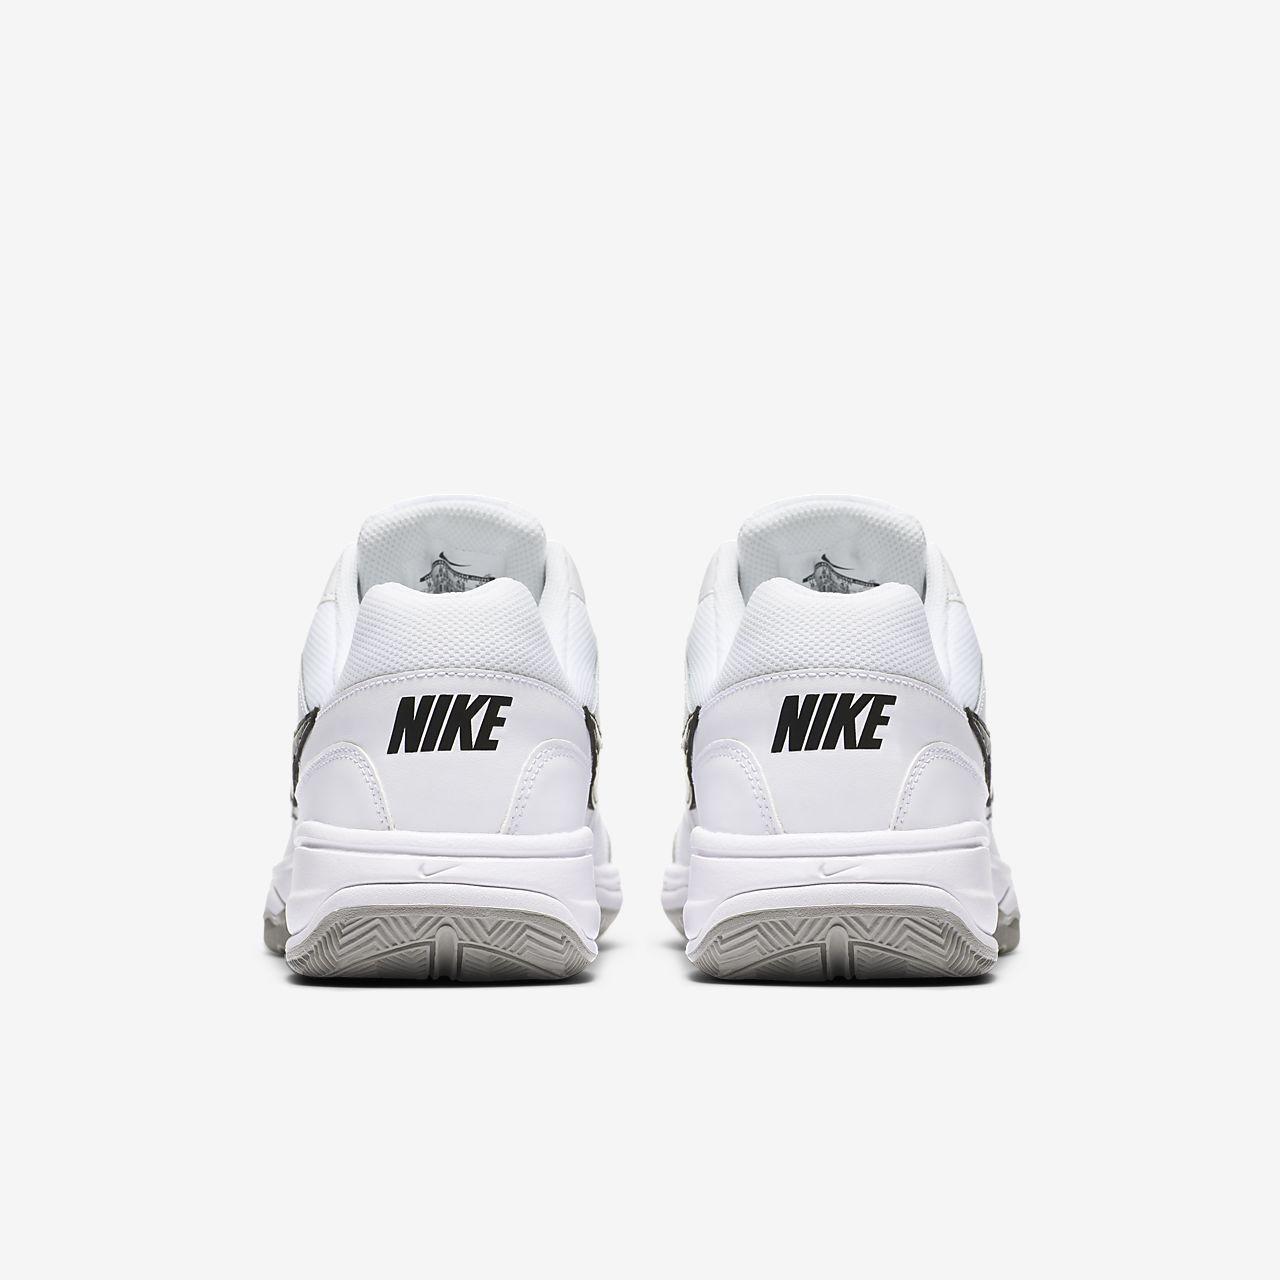 wholesale dealer 8cd18 3cc79 ... Chaussure de tennis pour surface dure NikeCourt Lite pour Homme